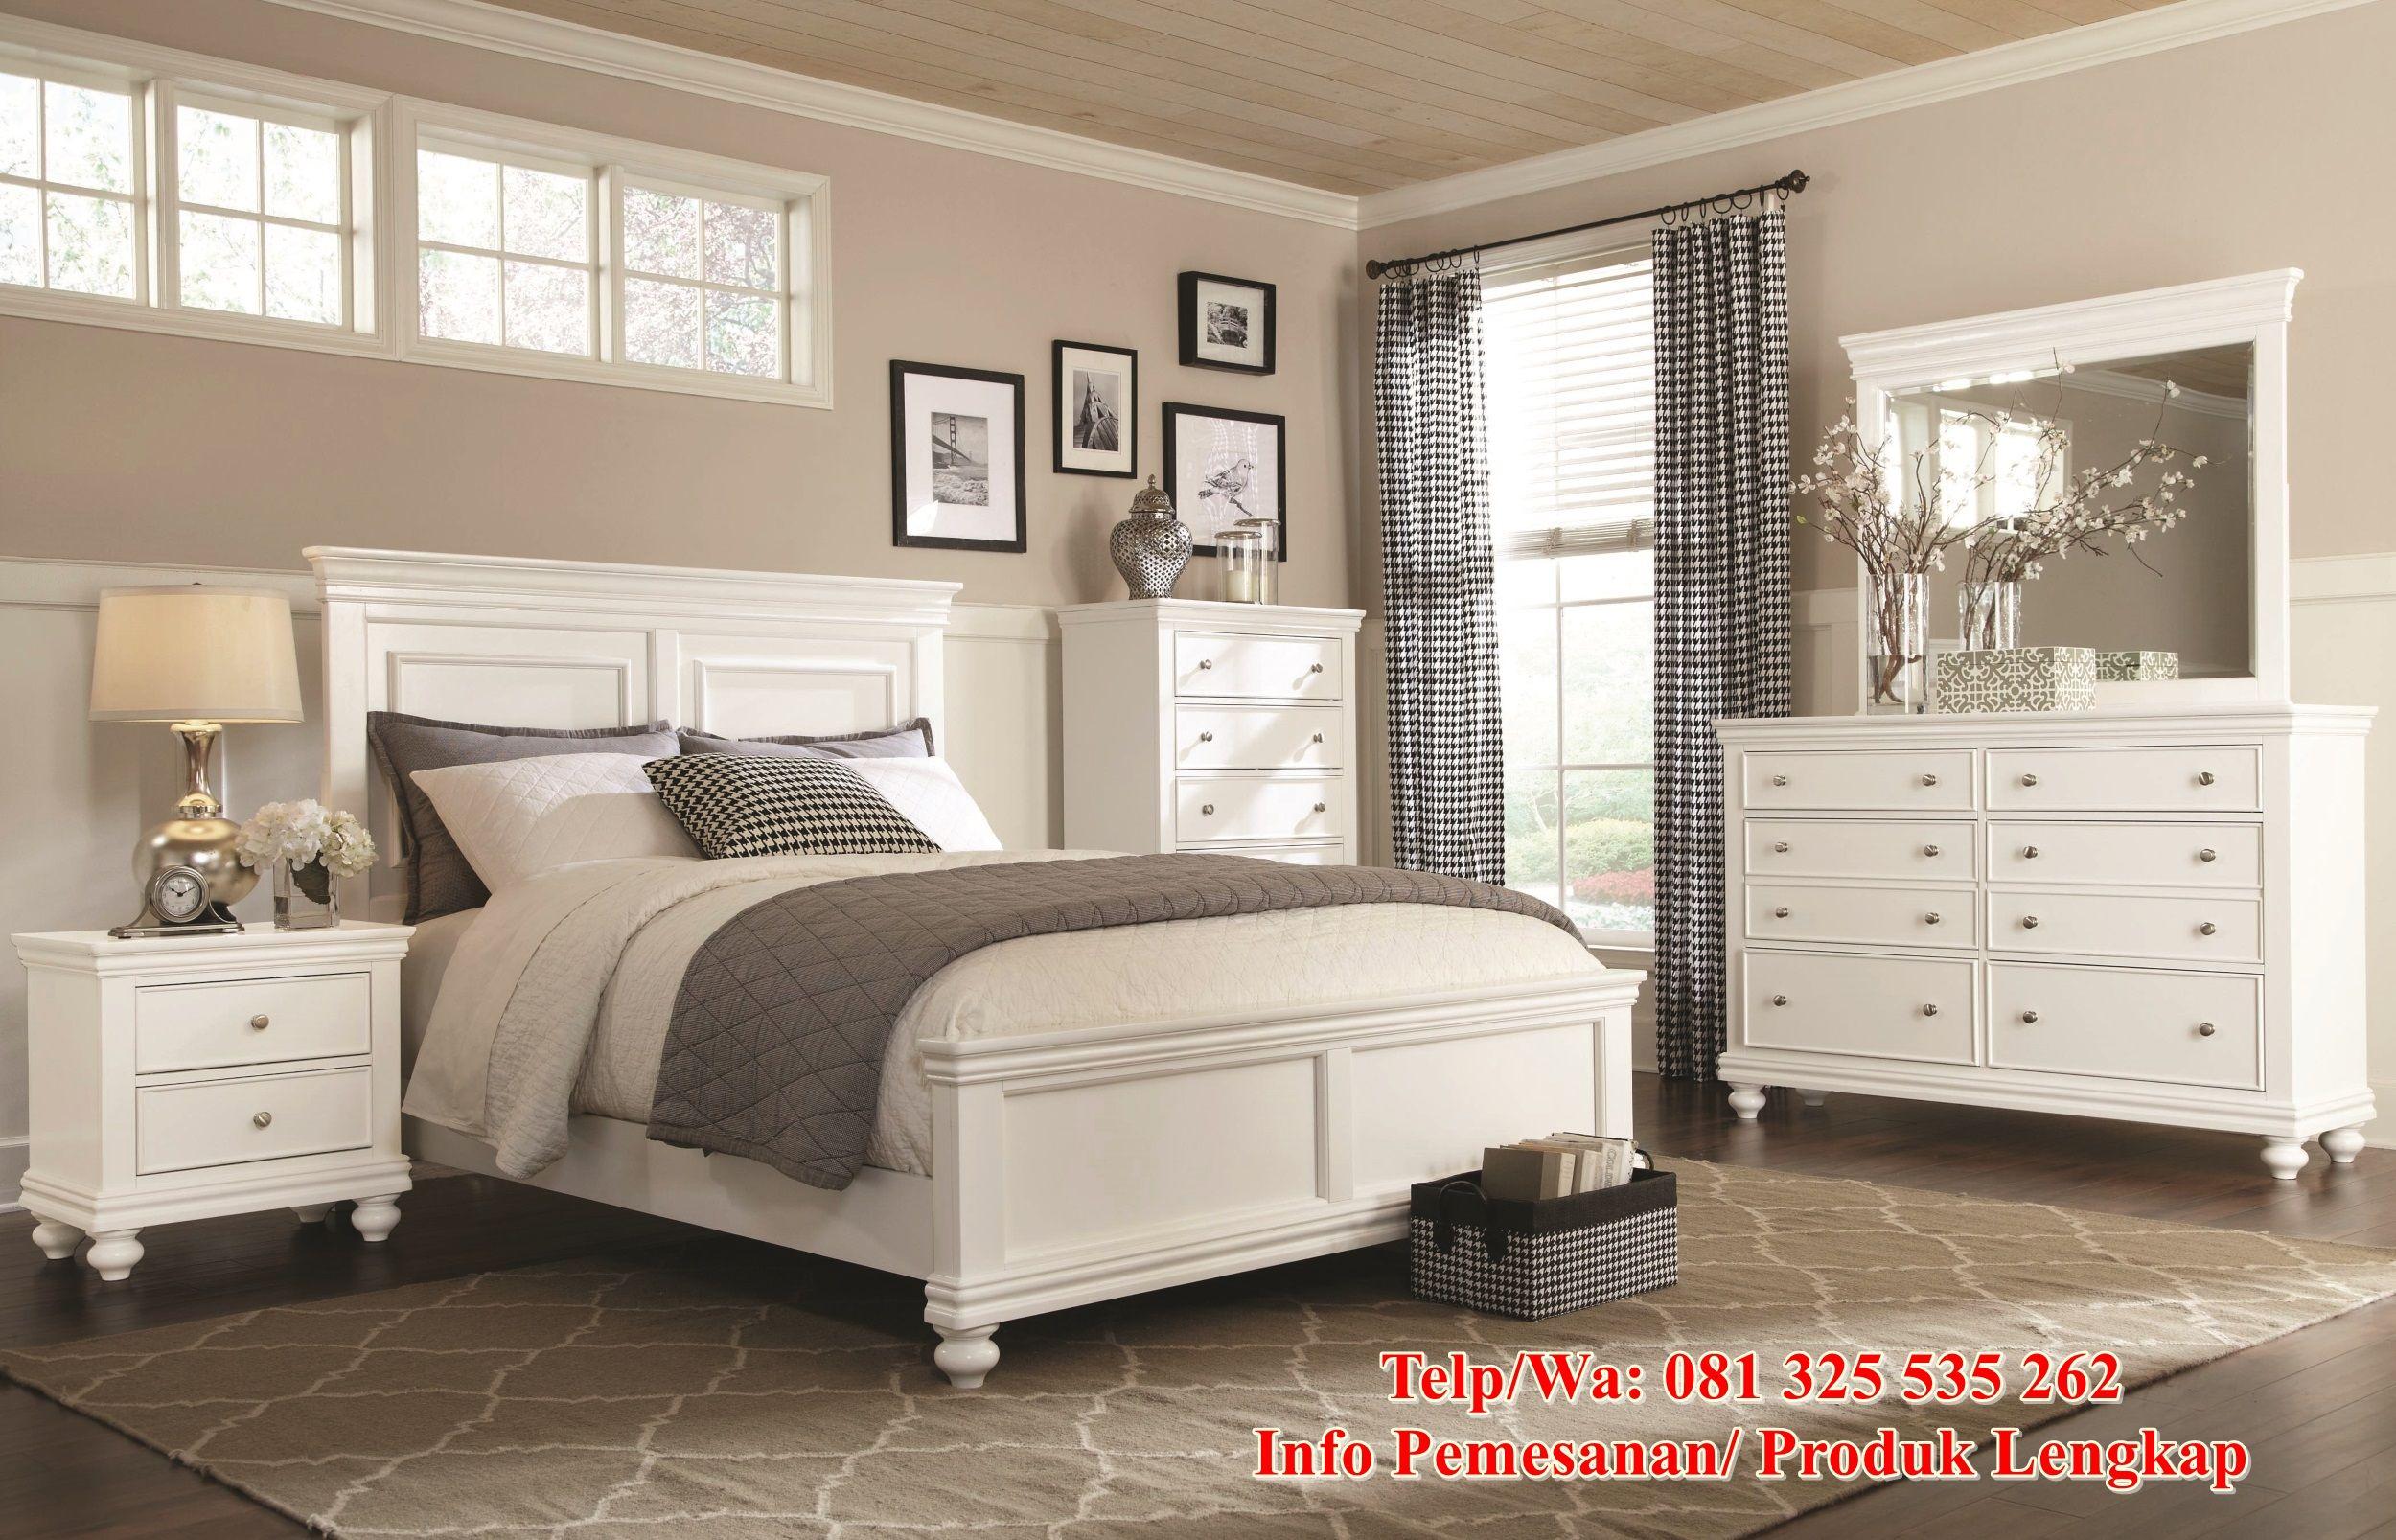 Desain Set Tempat Tidur Minimalis Modern Paling Populer